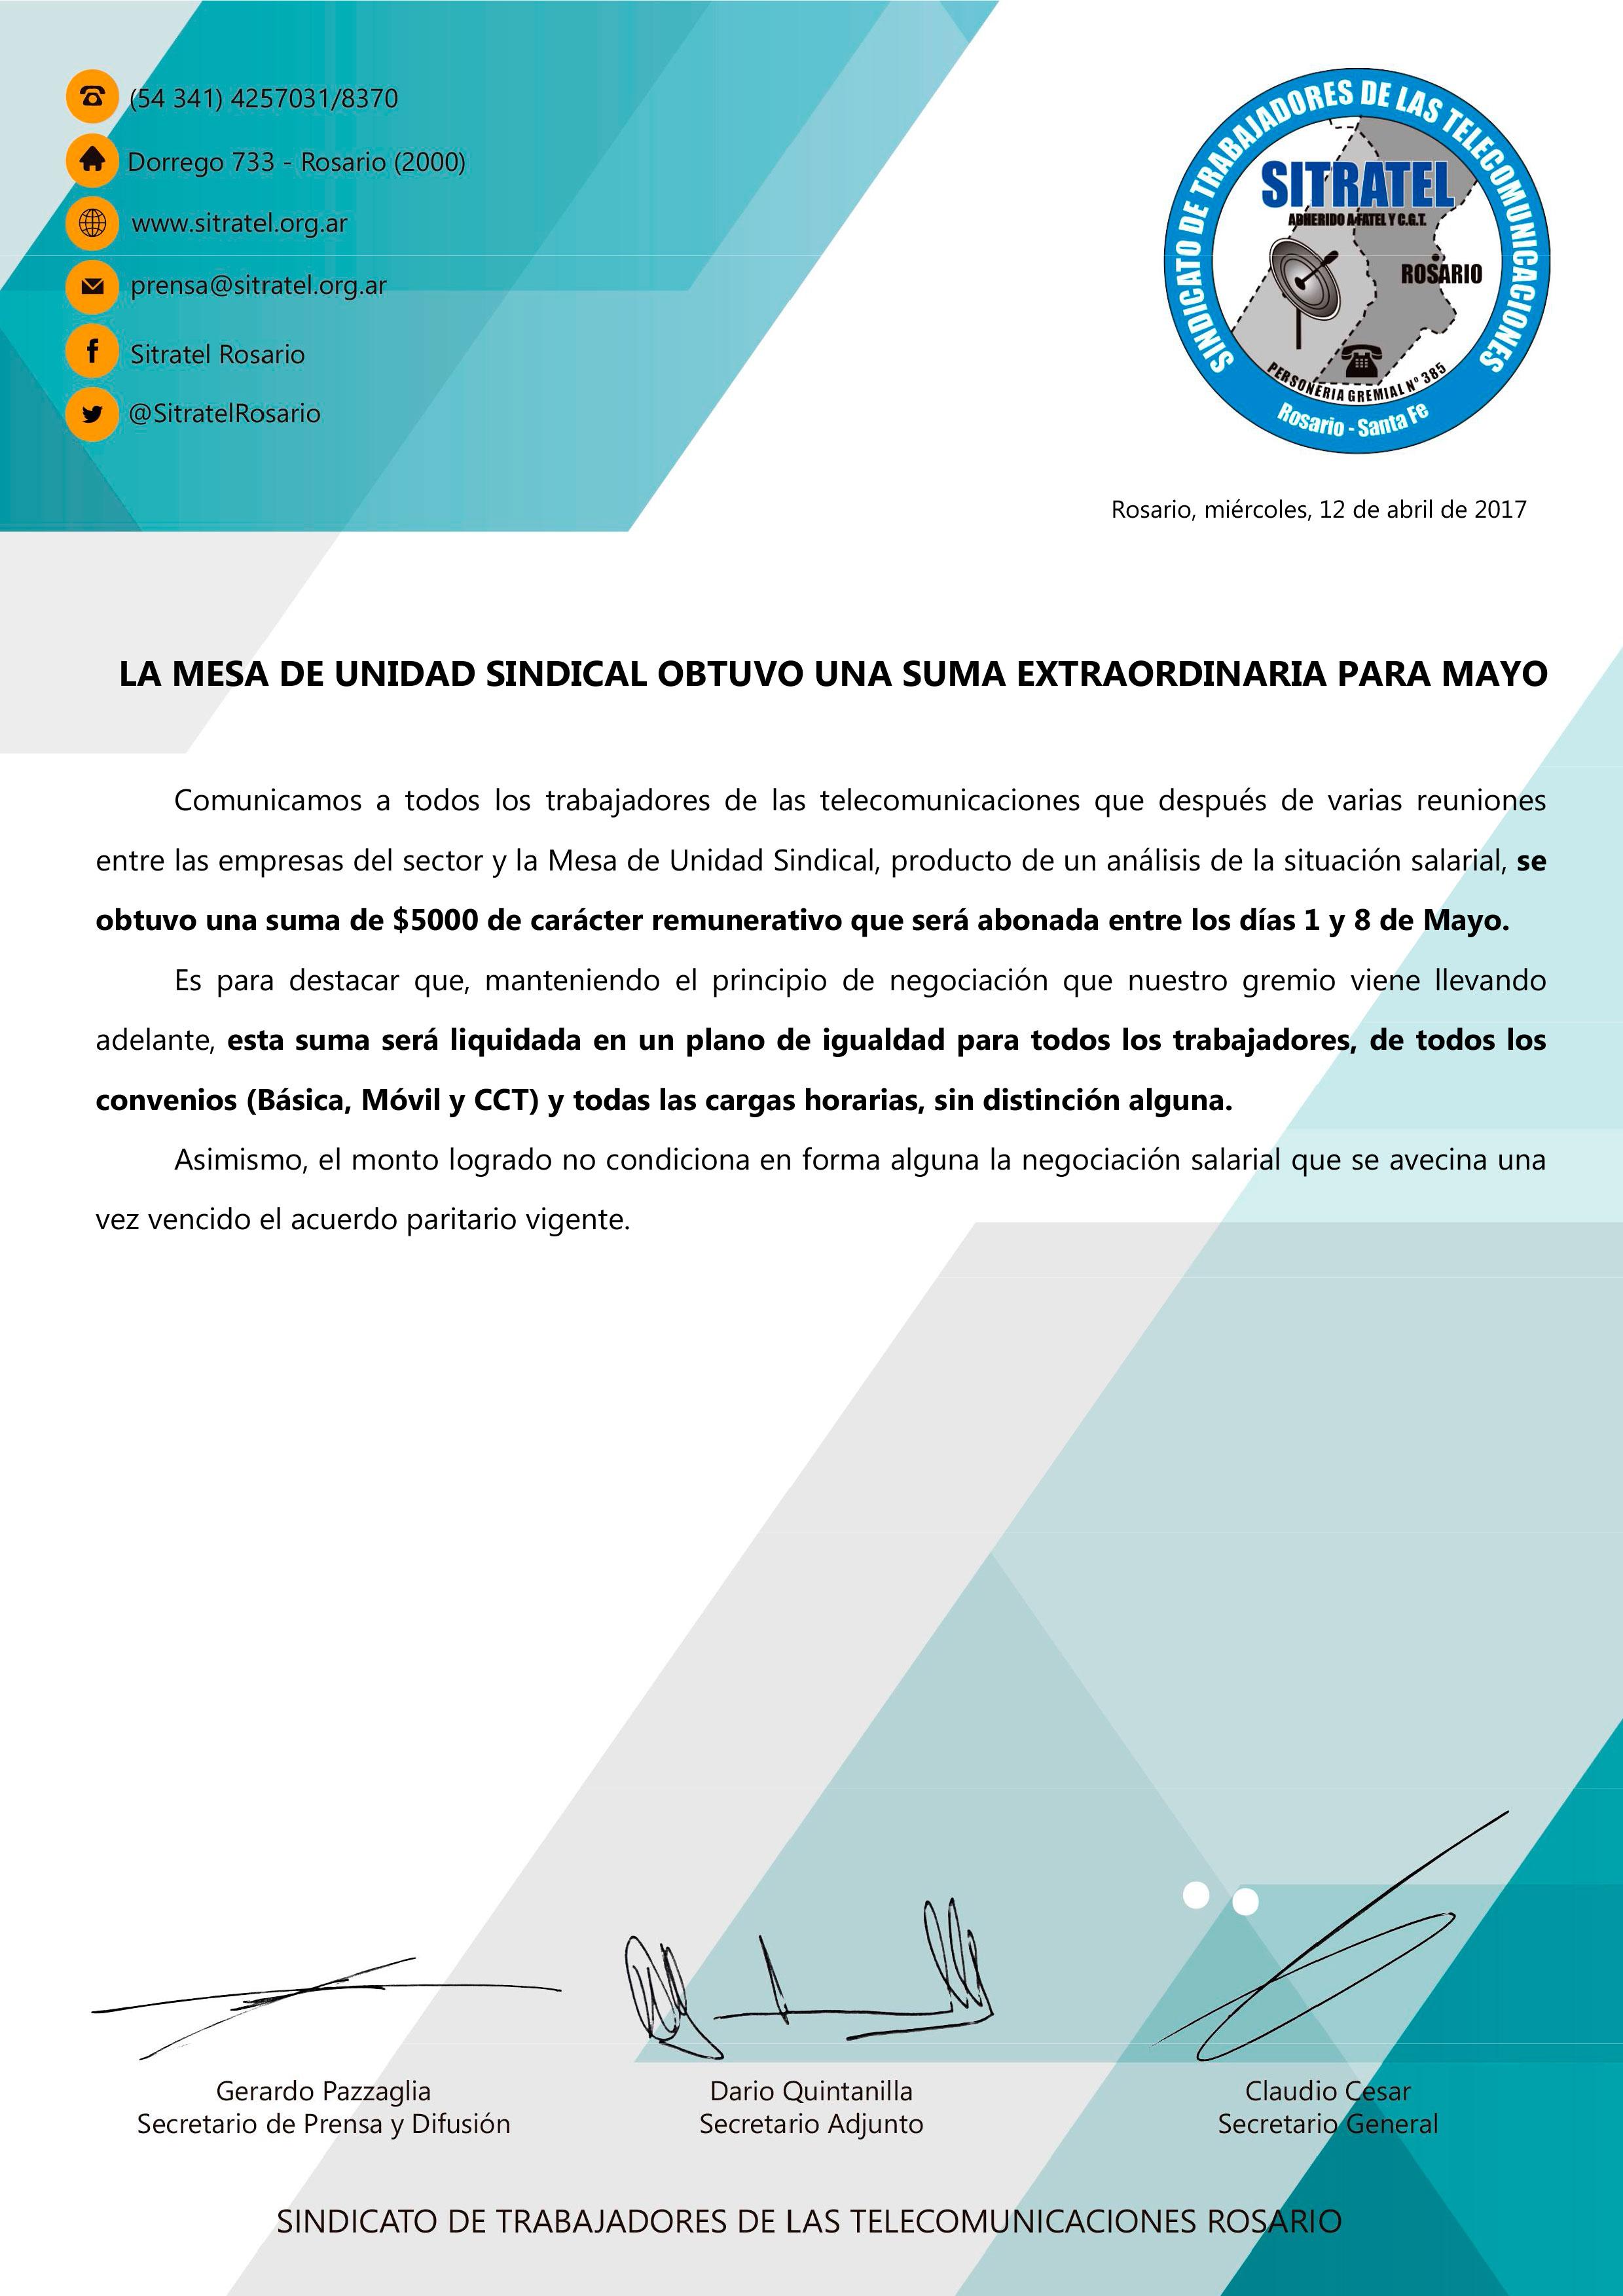 LA-MESA-DE-UNIDAD-SINDICAL-OBTUVO-UNA-SUMA-EXTRAORDINARIA-PARA-MAYO